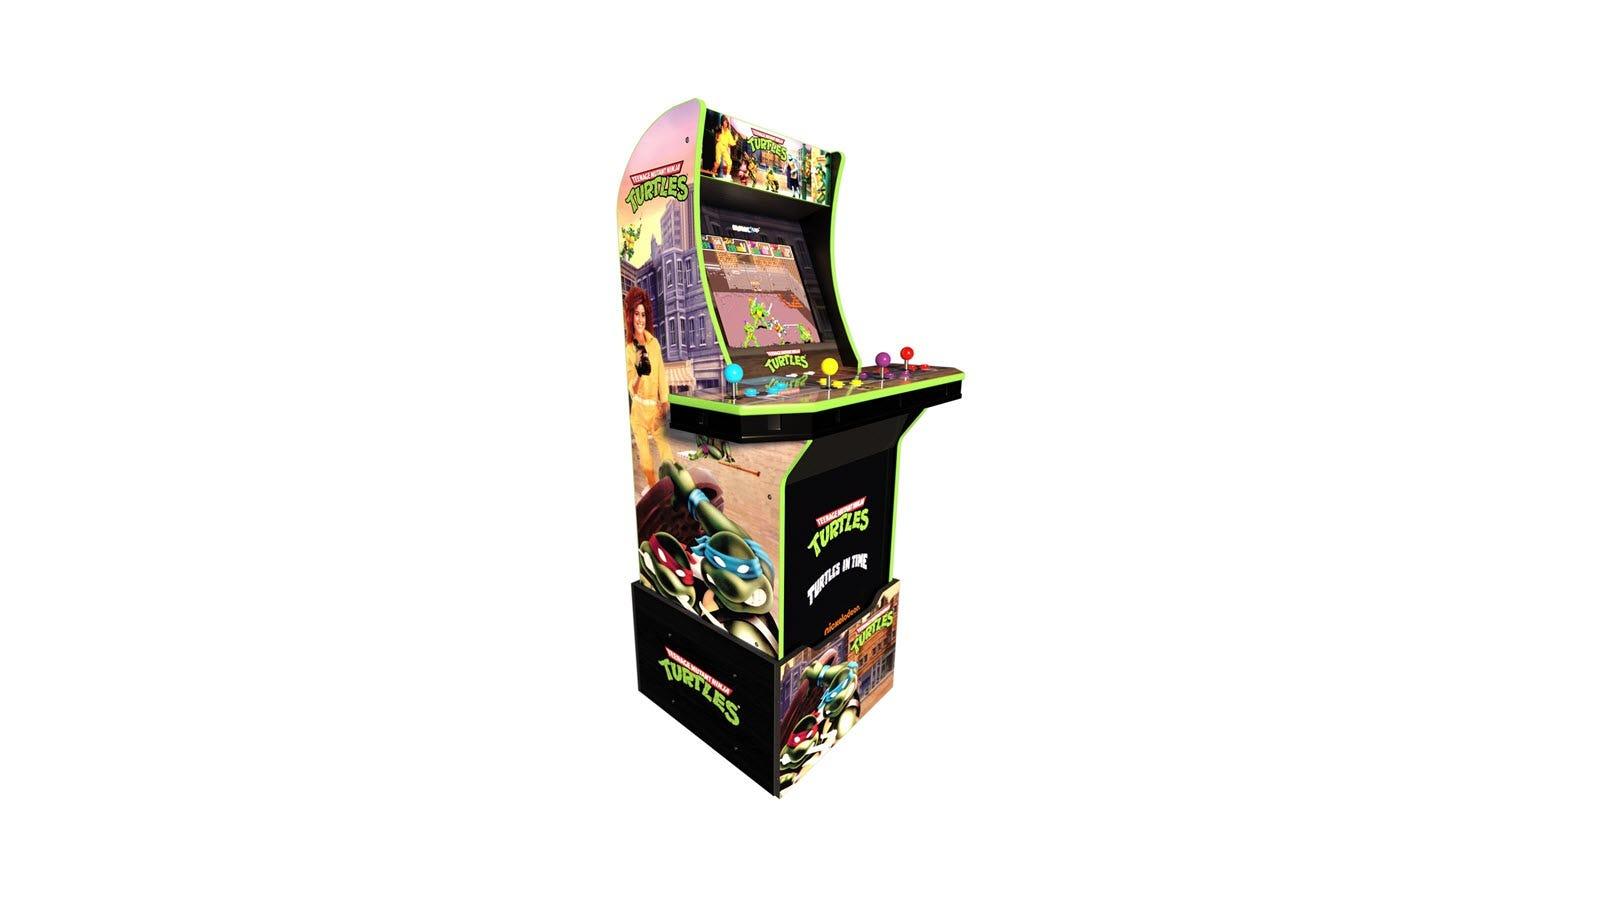 The Teenage Mutant Ninja Turtle arcade with four sets of joysticks and custom riser.